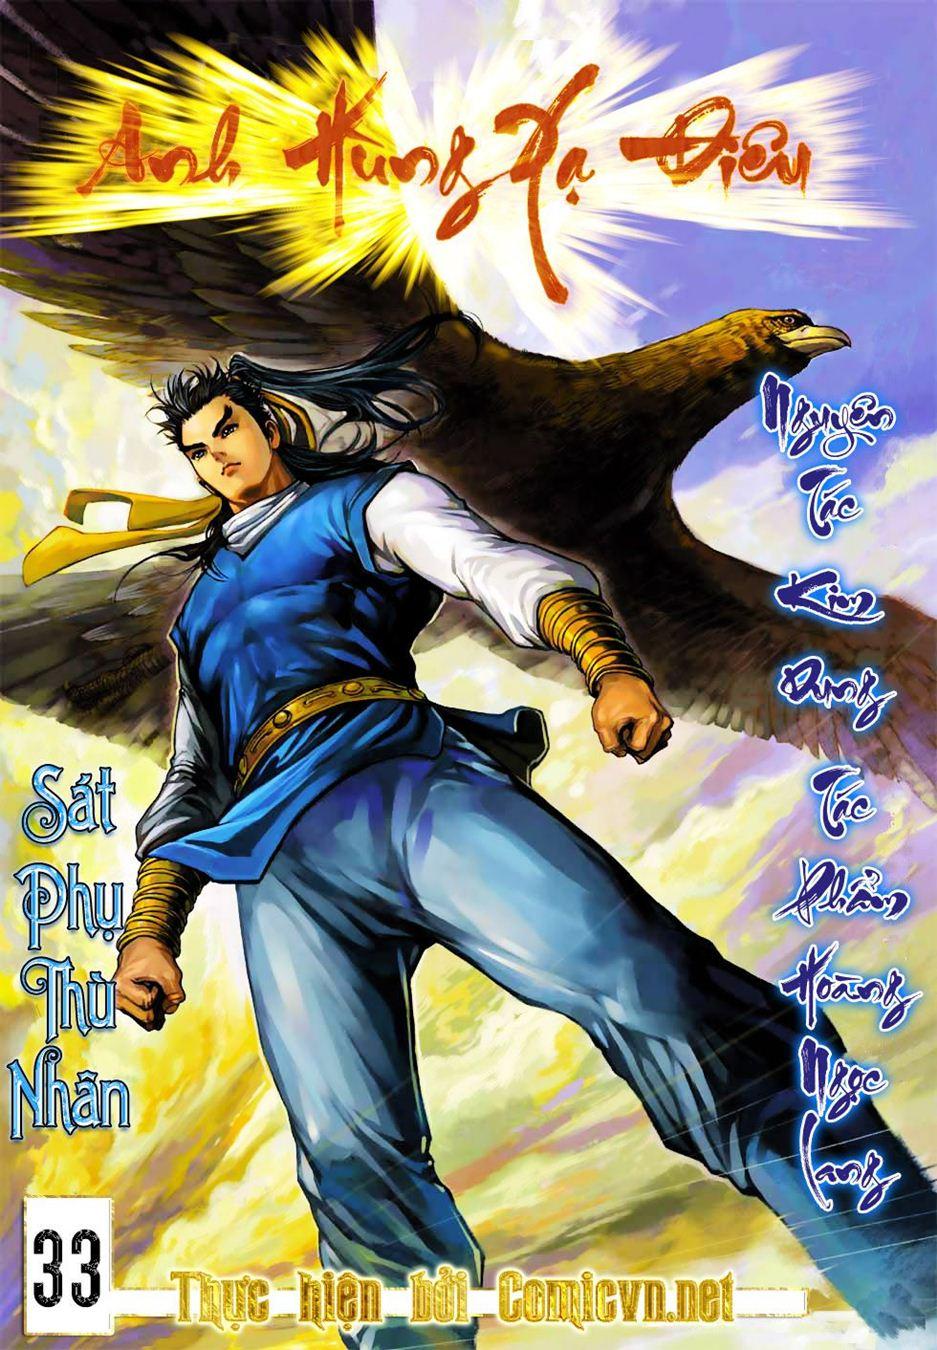 Anh Hùng Xạ Điêu anh hùng xạ đêu chap 33 trang 1